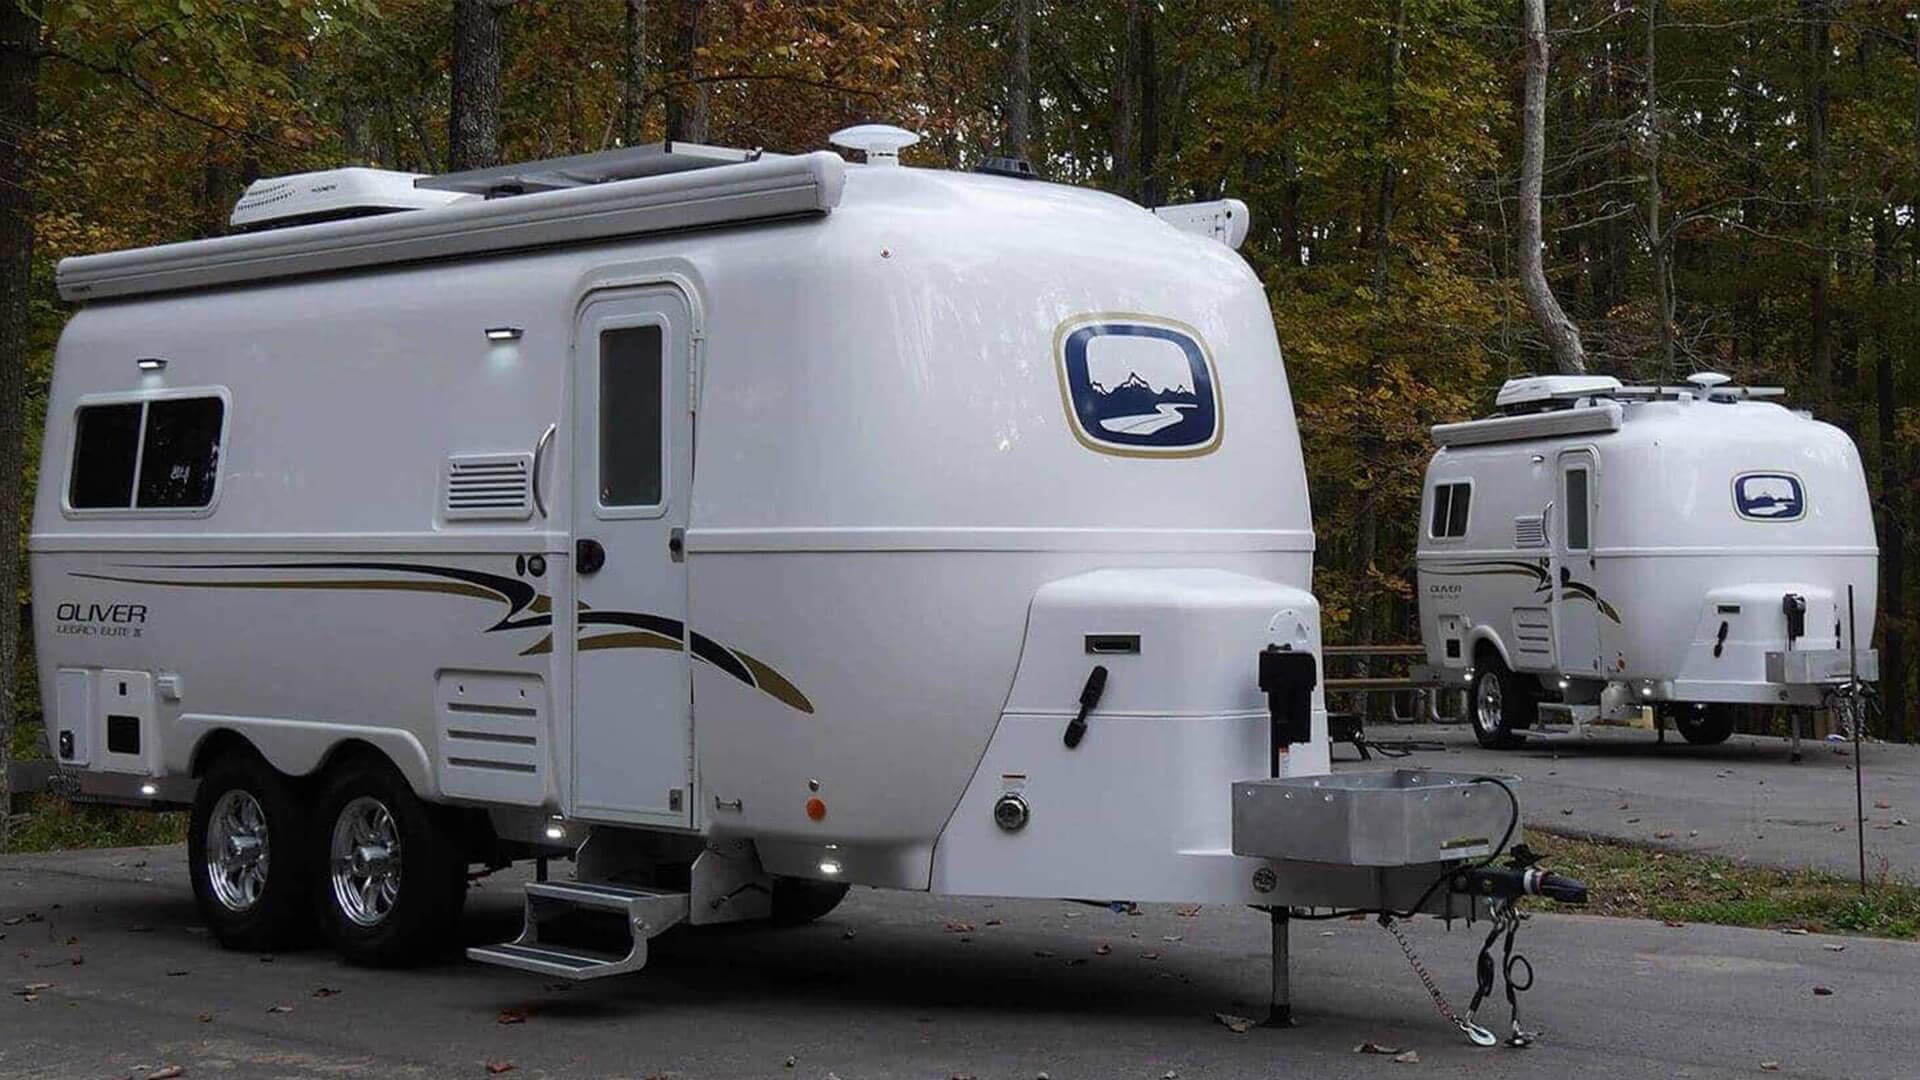 Oliver RV Trailers dream camp explore